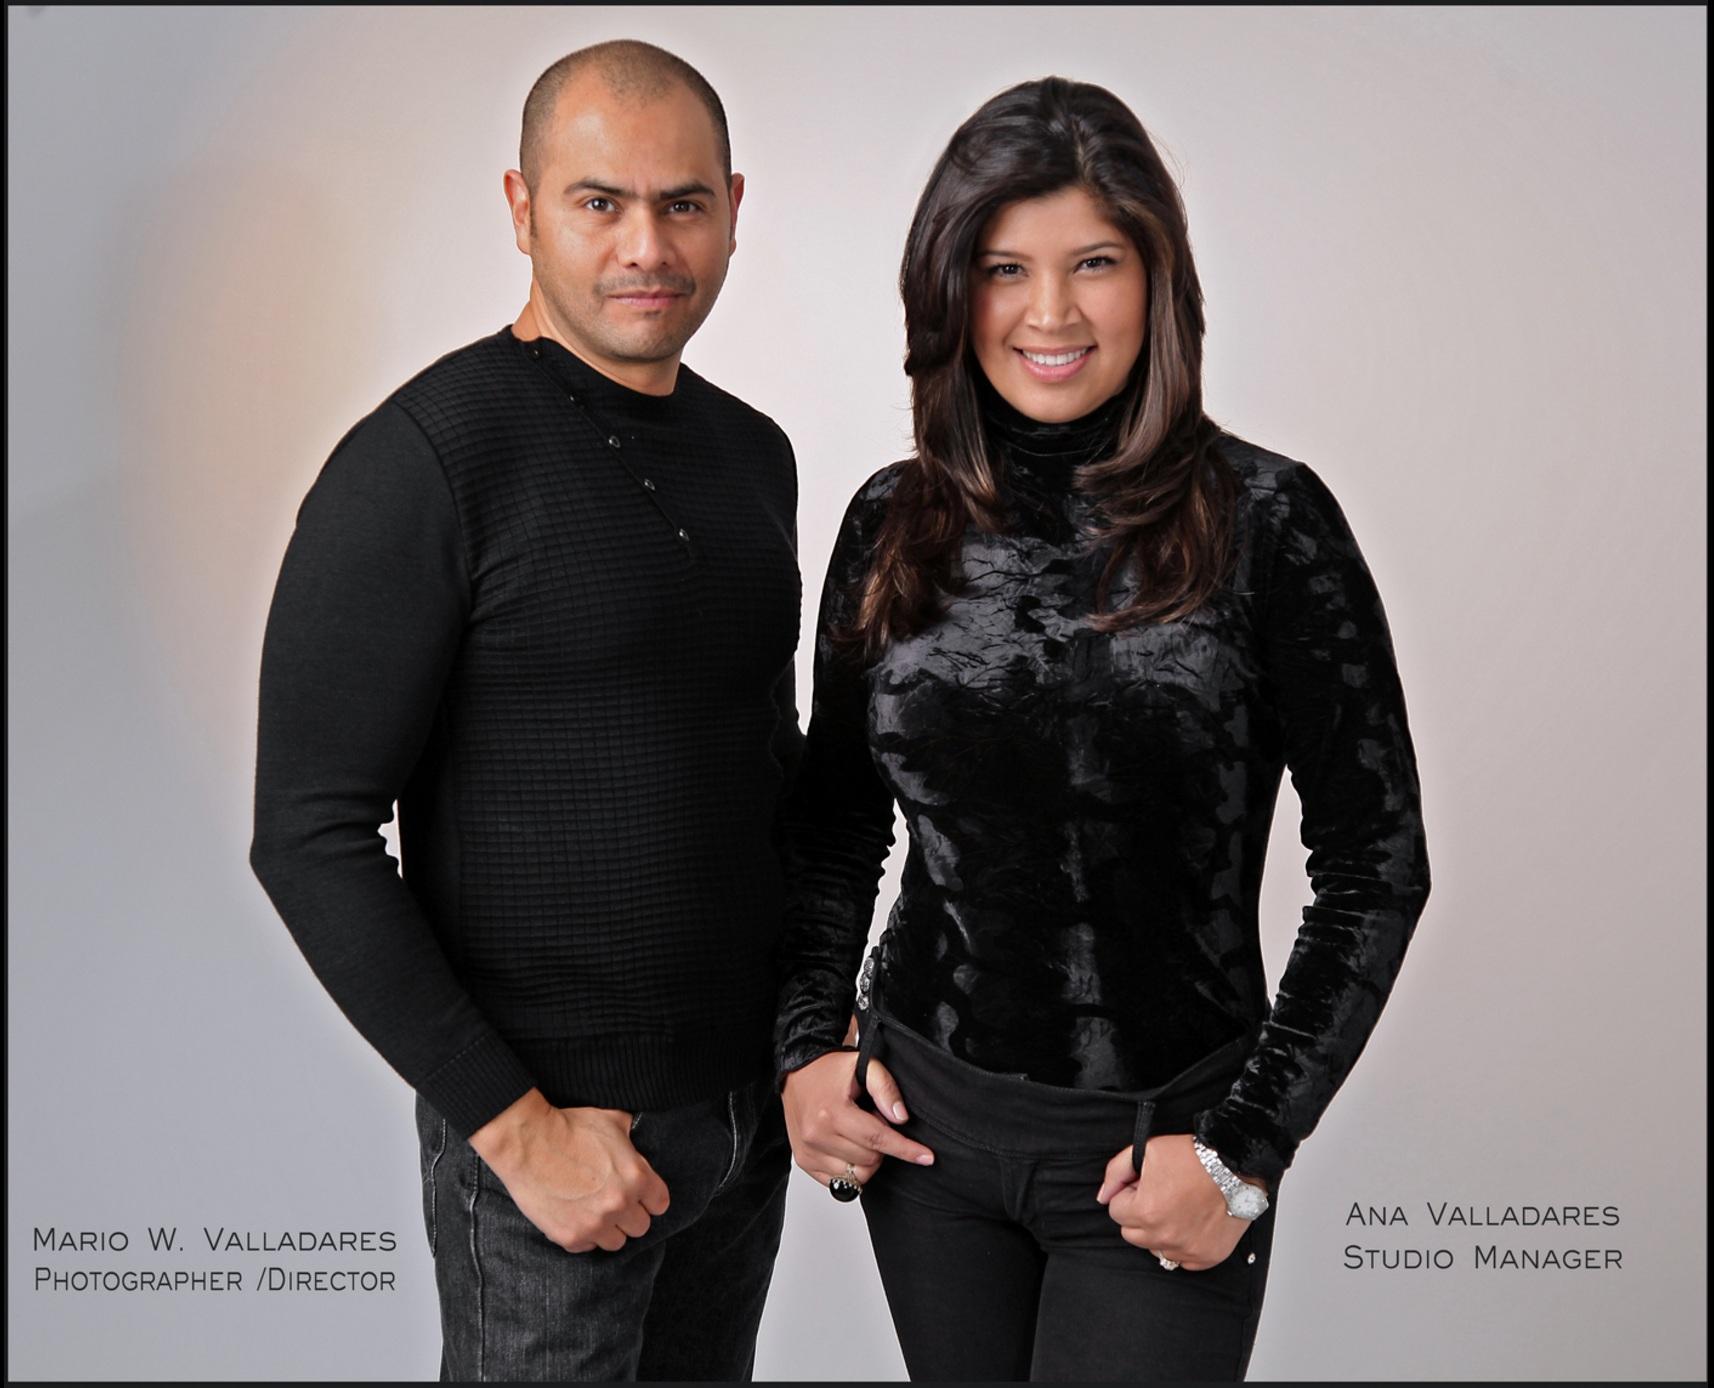 Mario & Ana Valladares.jpg